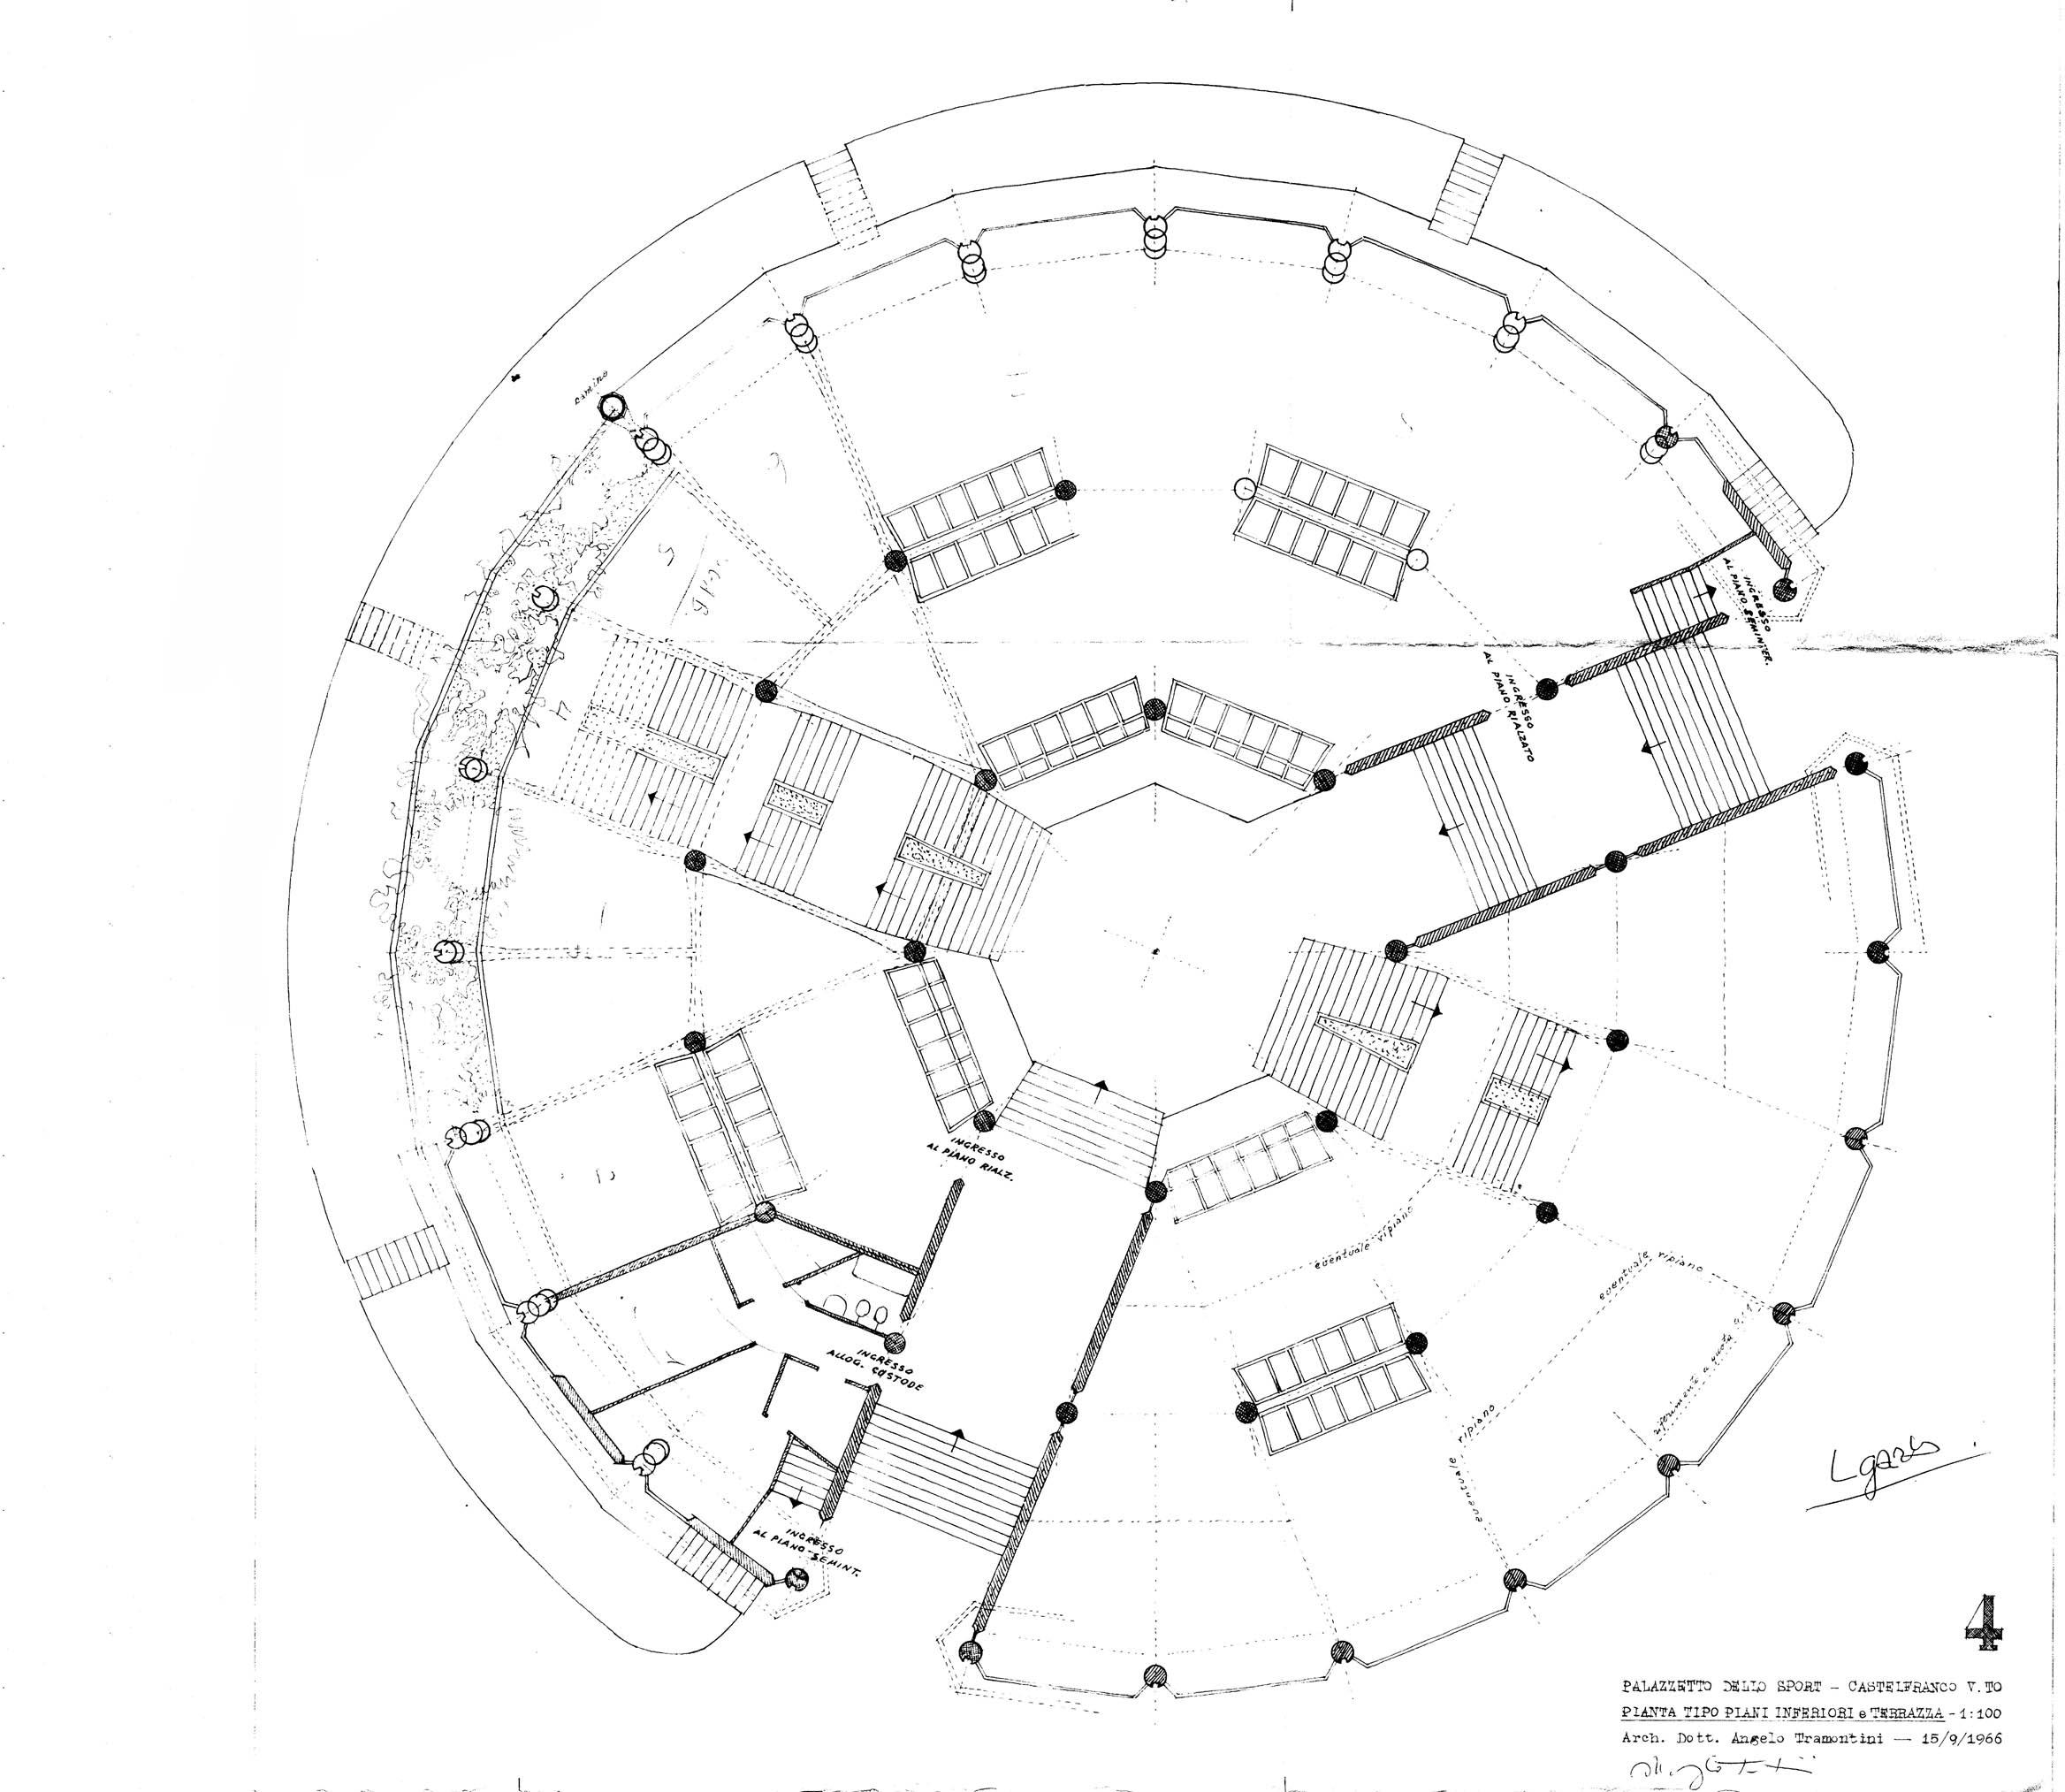 Concorso d 39 idee per la riqualificazione del polo sportivo for Campo sportivo seminterrato